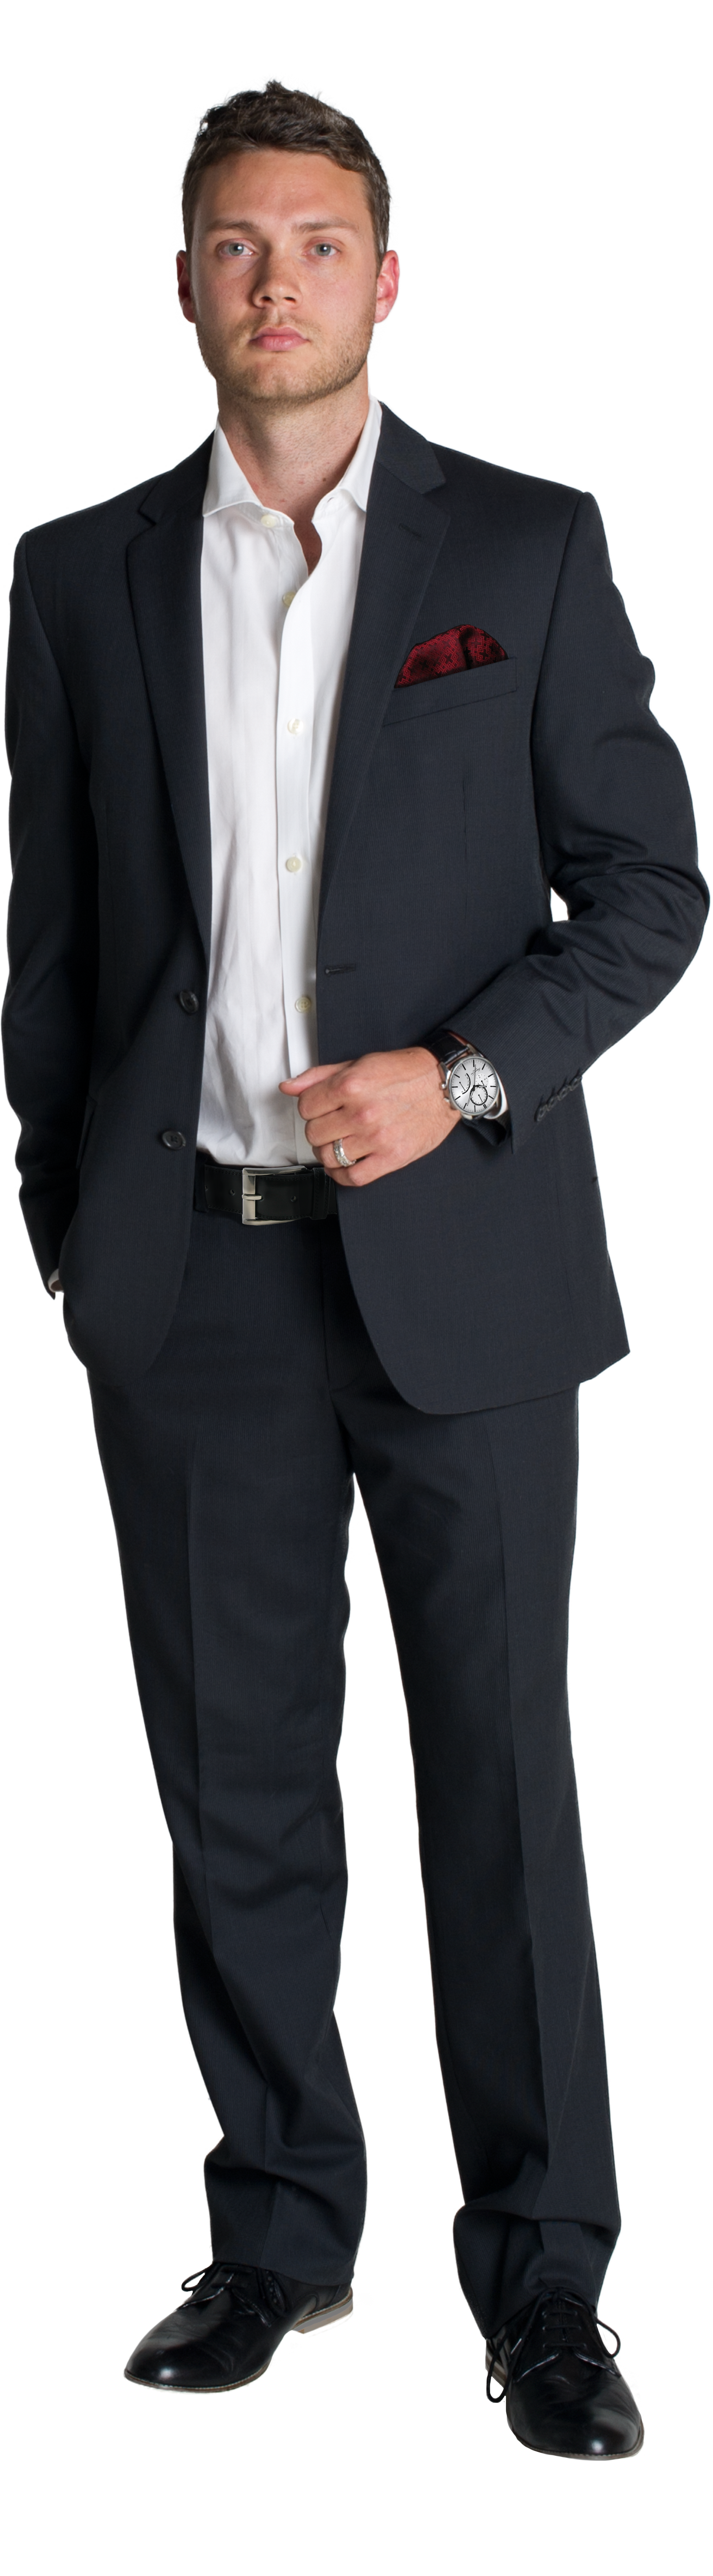 Men suit transparent png. Clipart shirt pent shirt